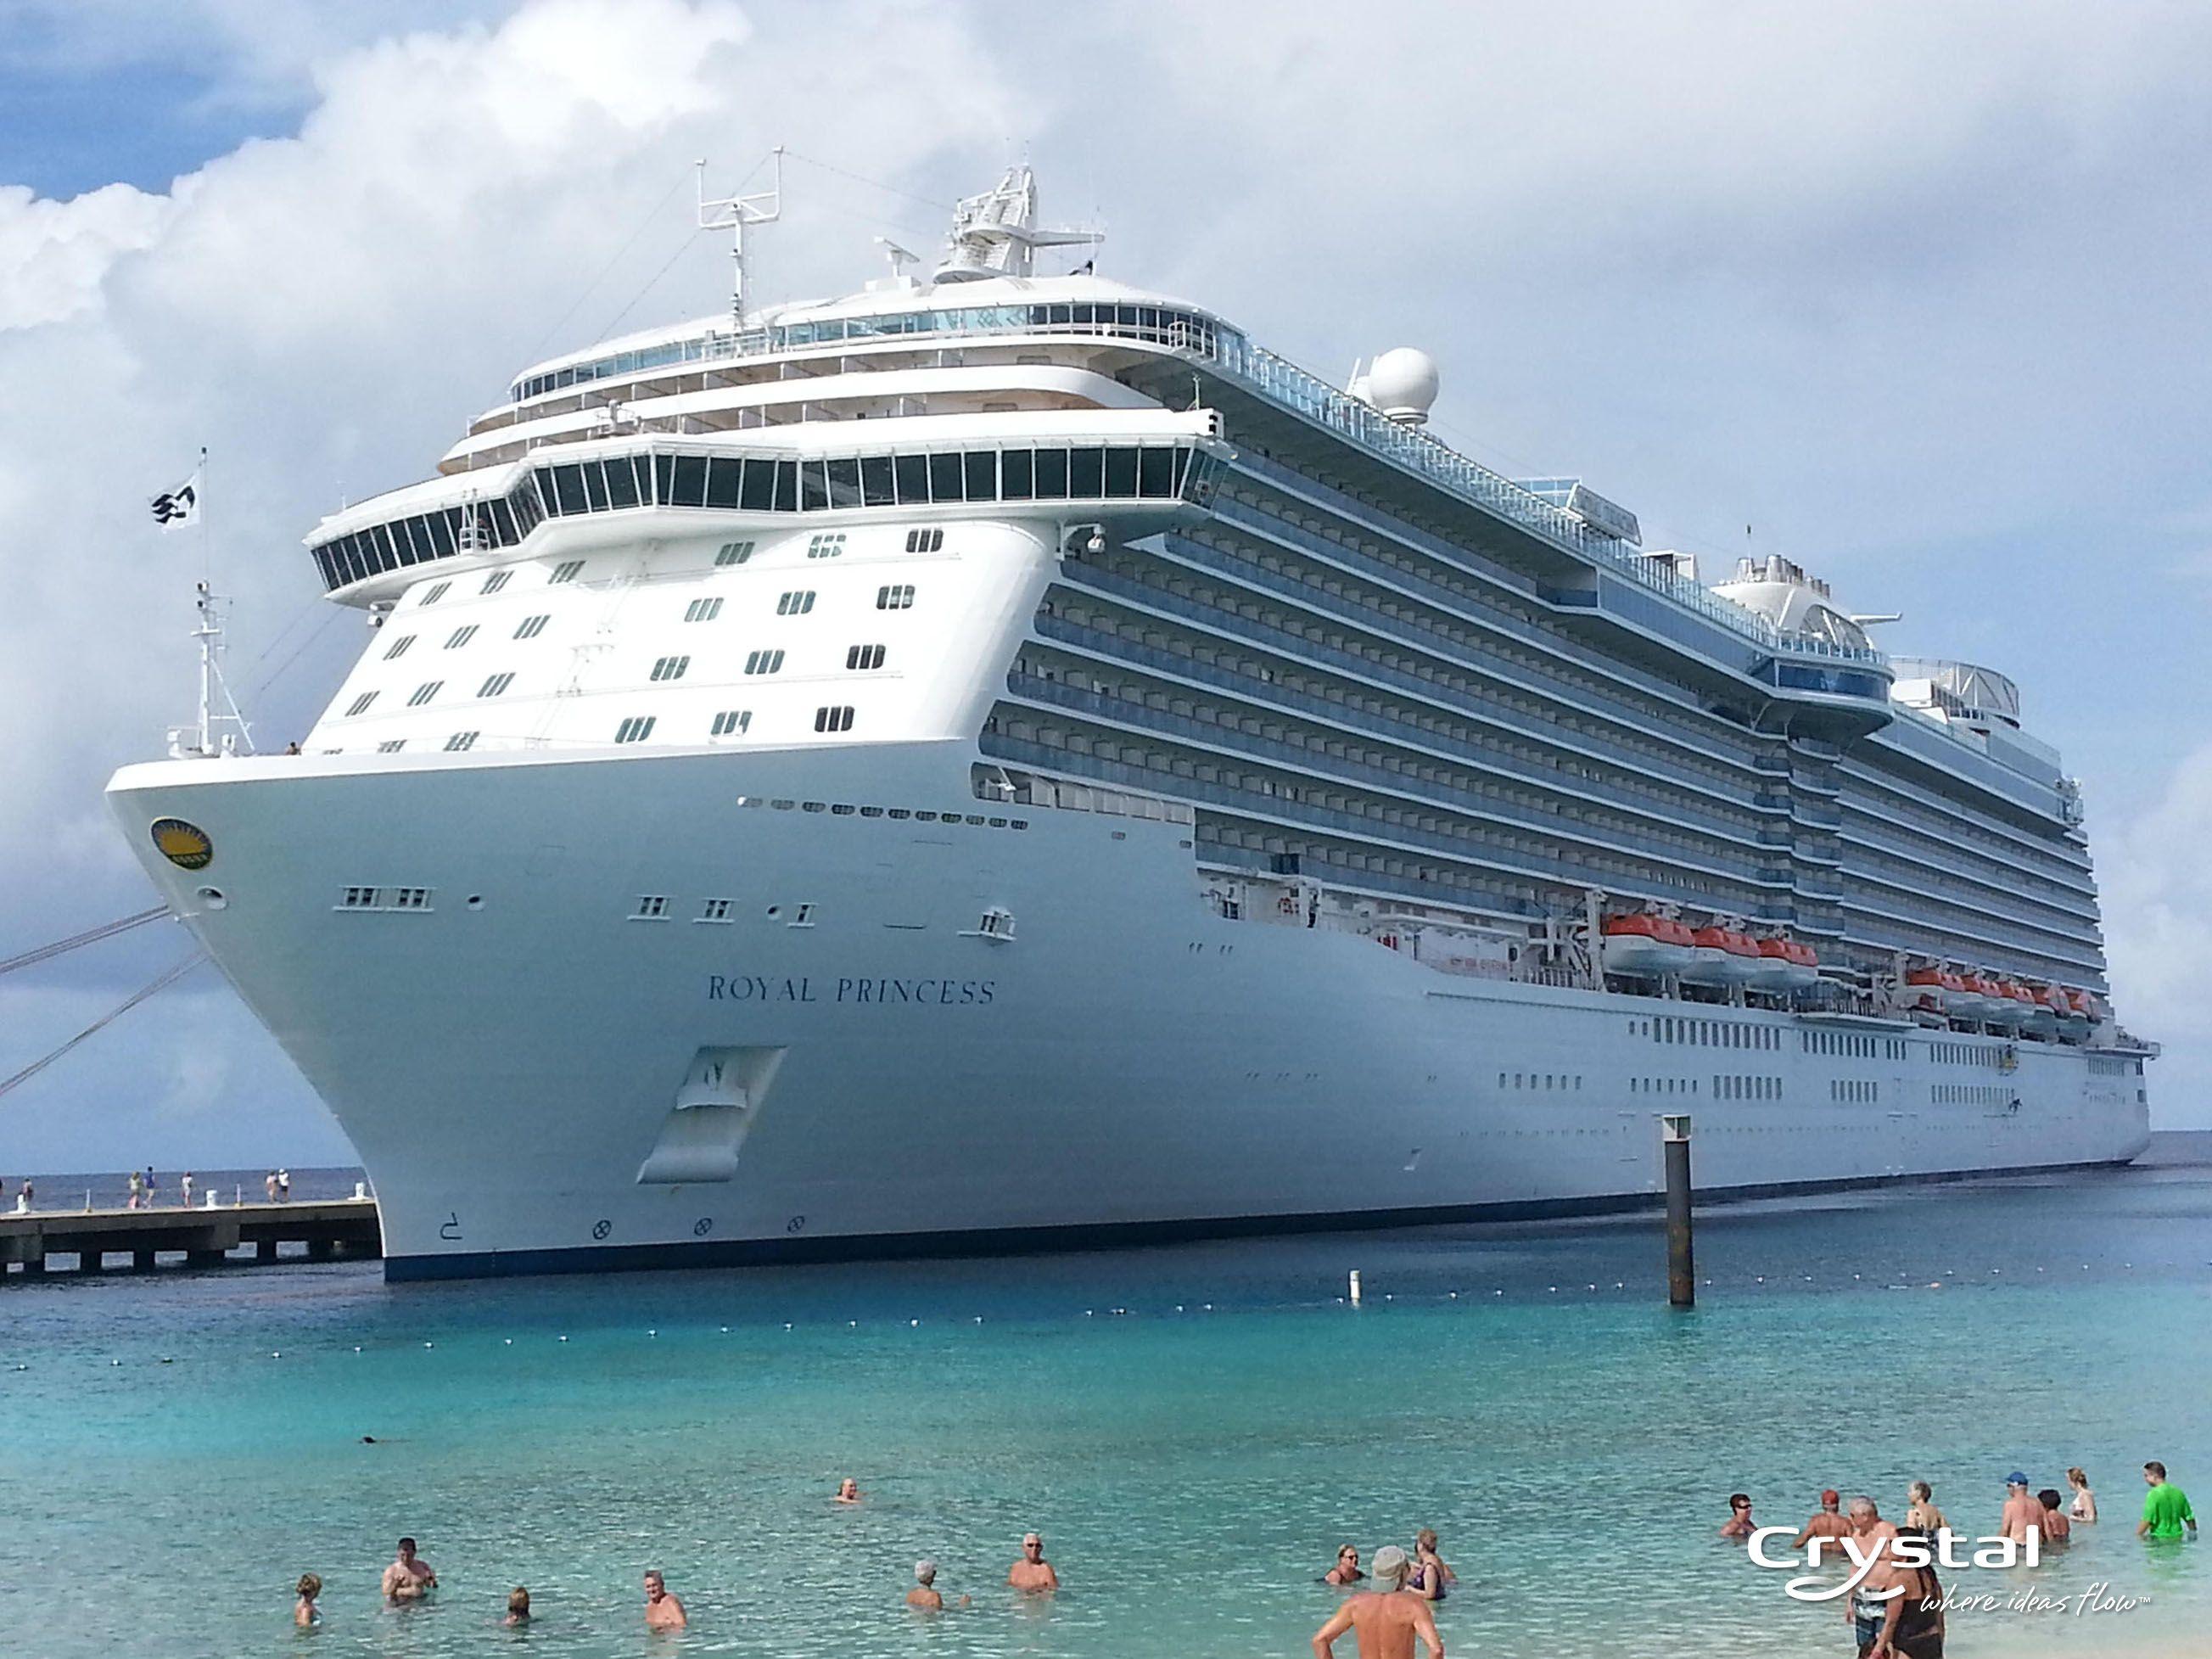 Royal Princess - Cruise Ship | Bateaux | Pinterest